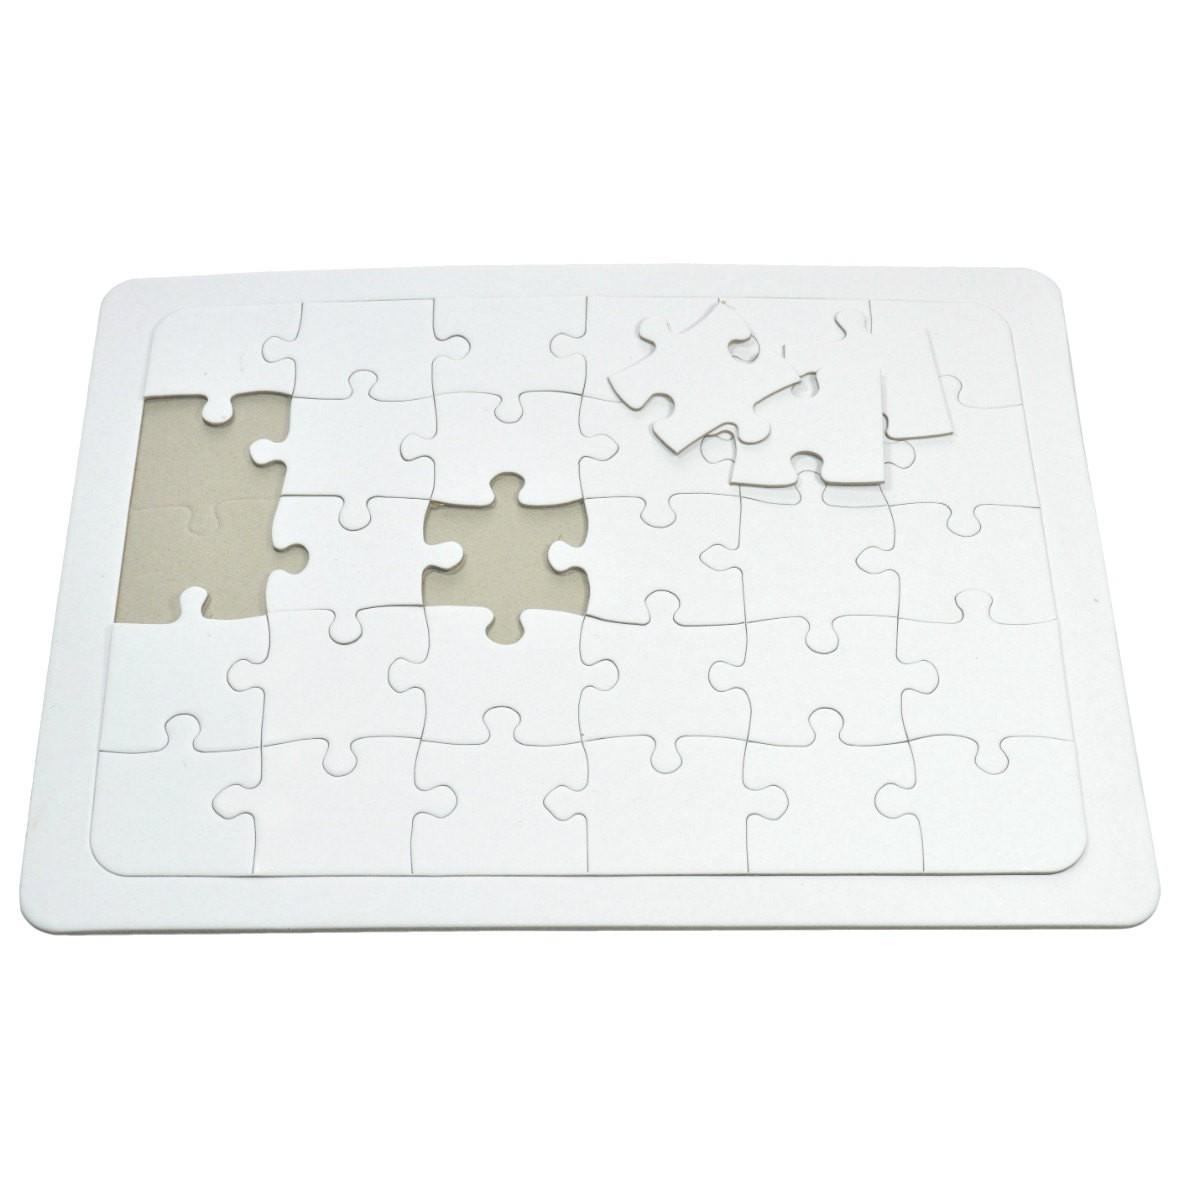 Blanko Puzzle A4 mit Rahmen zum selber bemalen, 30 große Teile